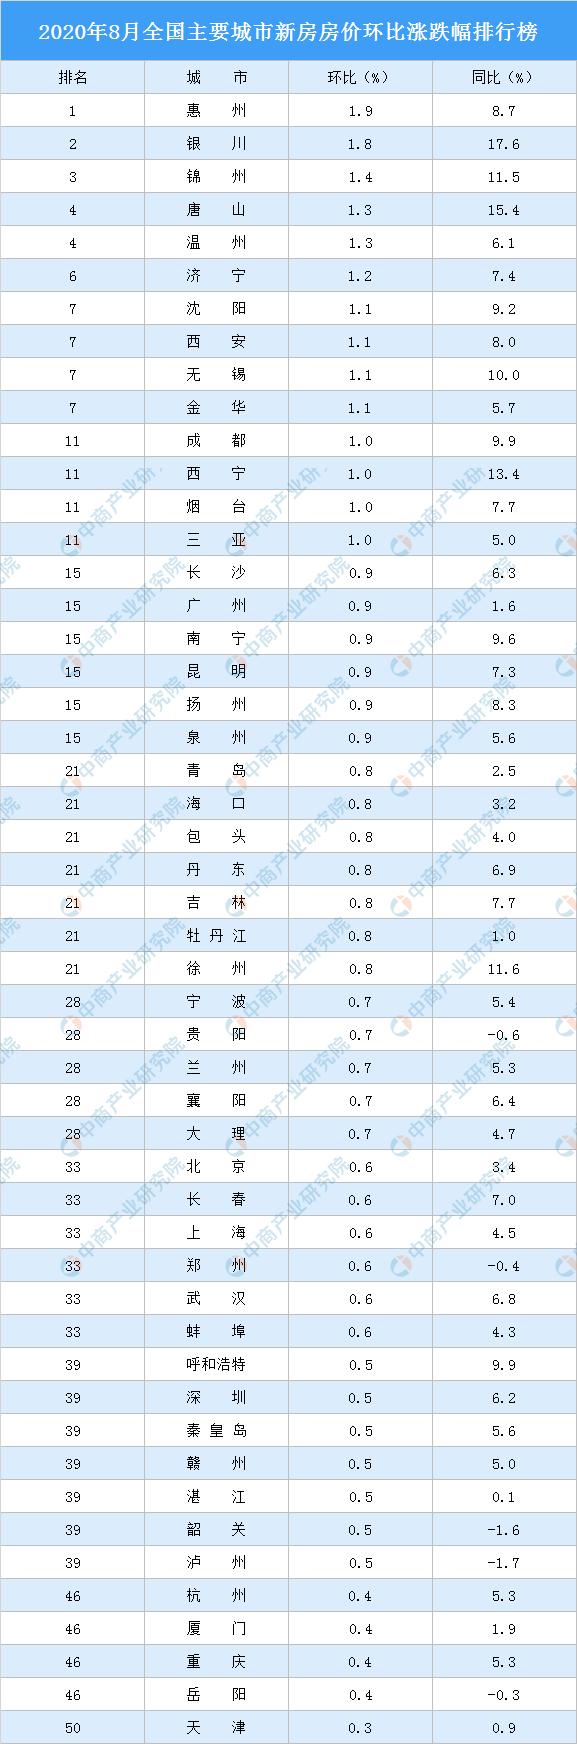 8月新房房价涨跌排行榜:惠州领涨全国 深圳涨幅回落(图)